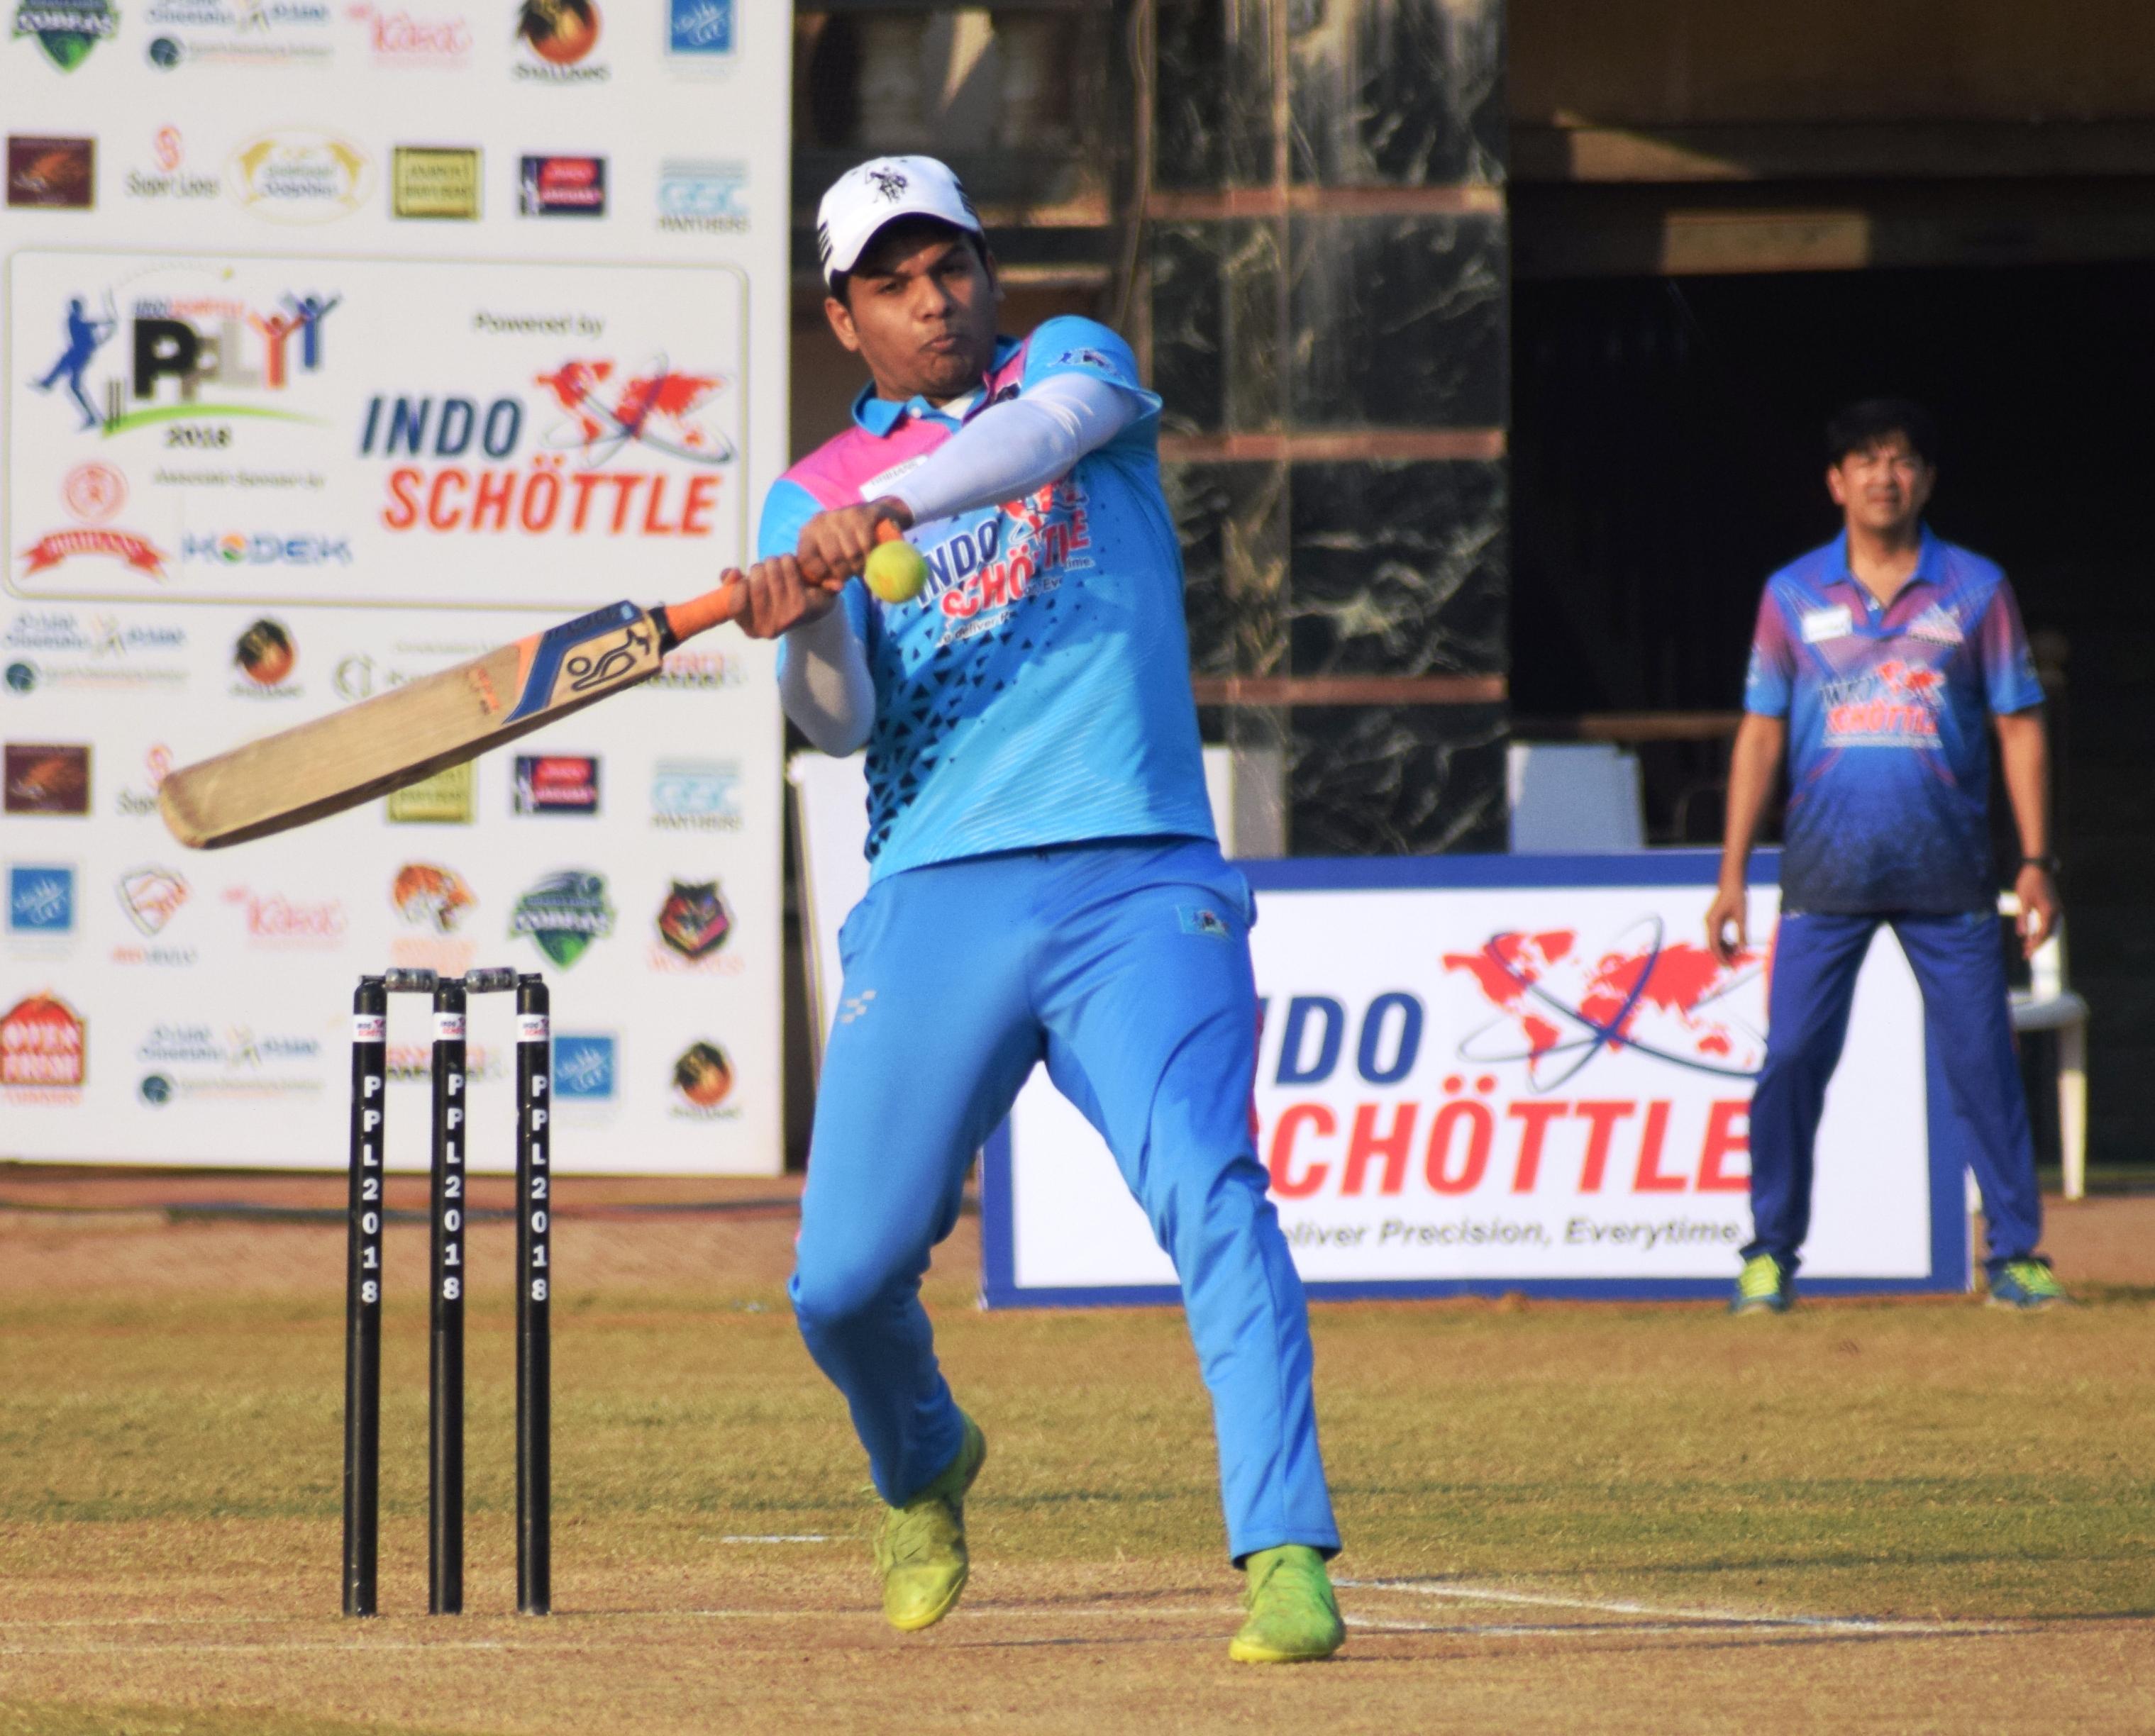 इंडोशॉटले पीवायसी प्रिमियर लीग क्रिकेट स्पर्धेत एनएच वुल्वस संघाचा सलग तिसरा विजय